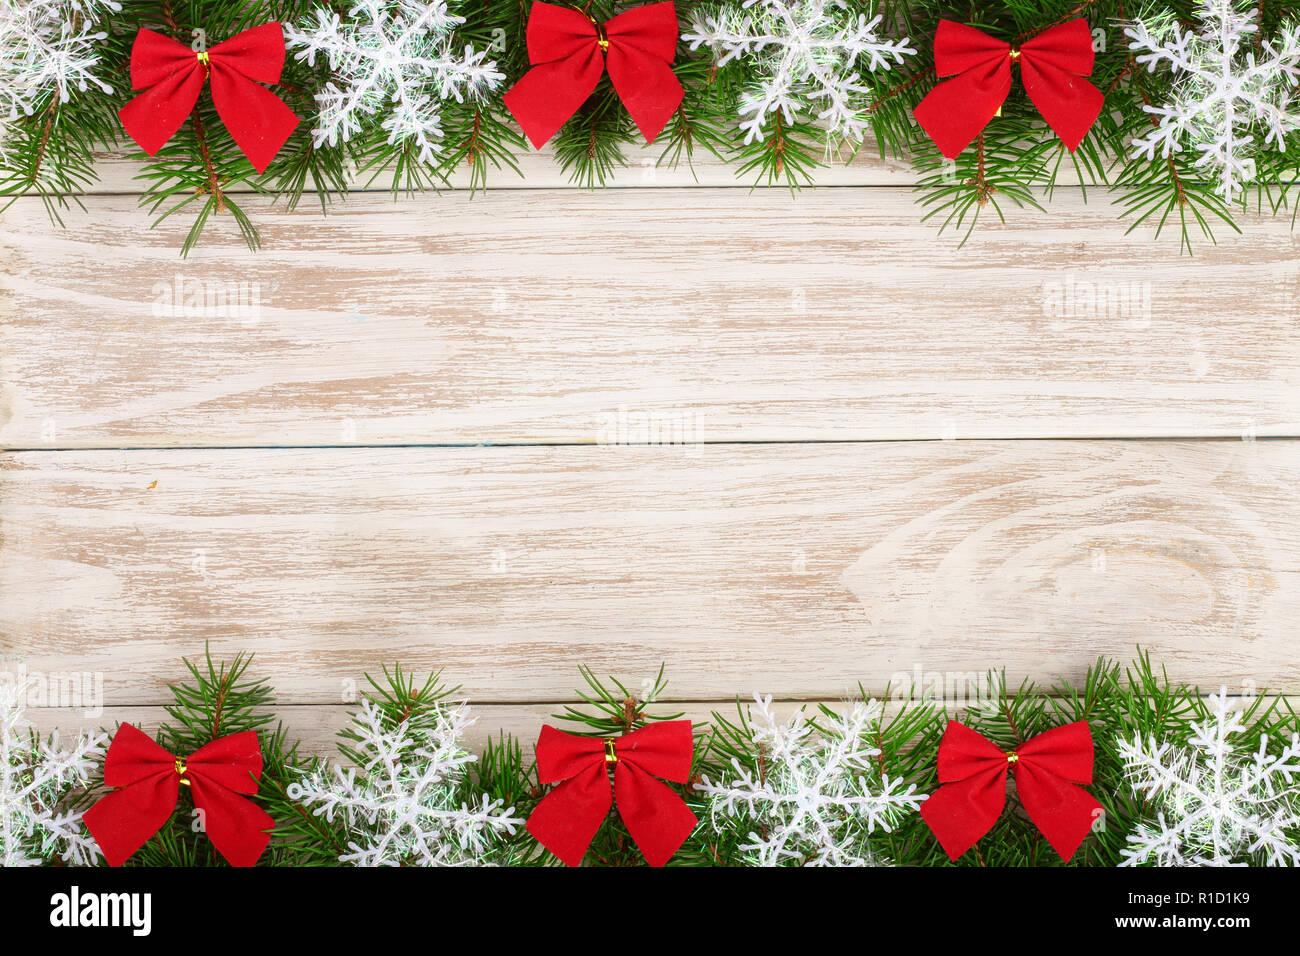 Weihnachten Rahmen aus Tannenzweigen mit Schneeflocken und rote ...